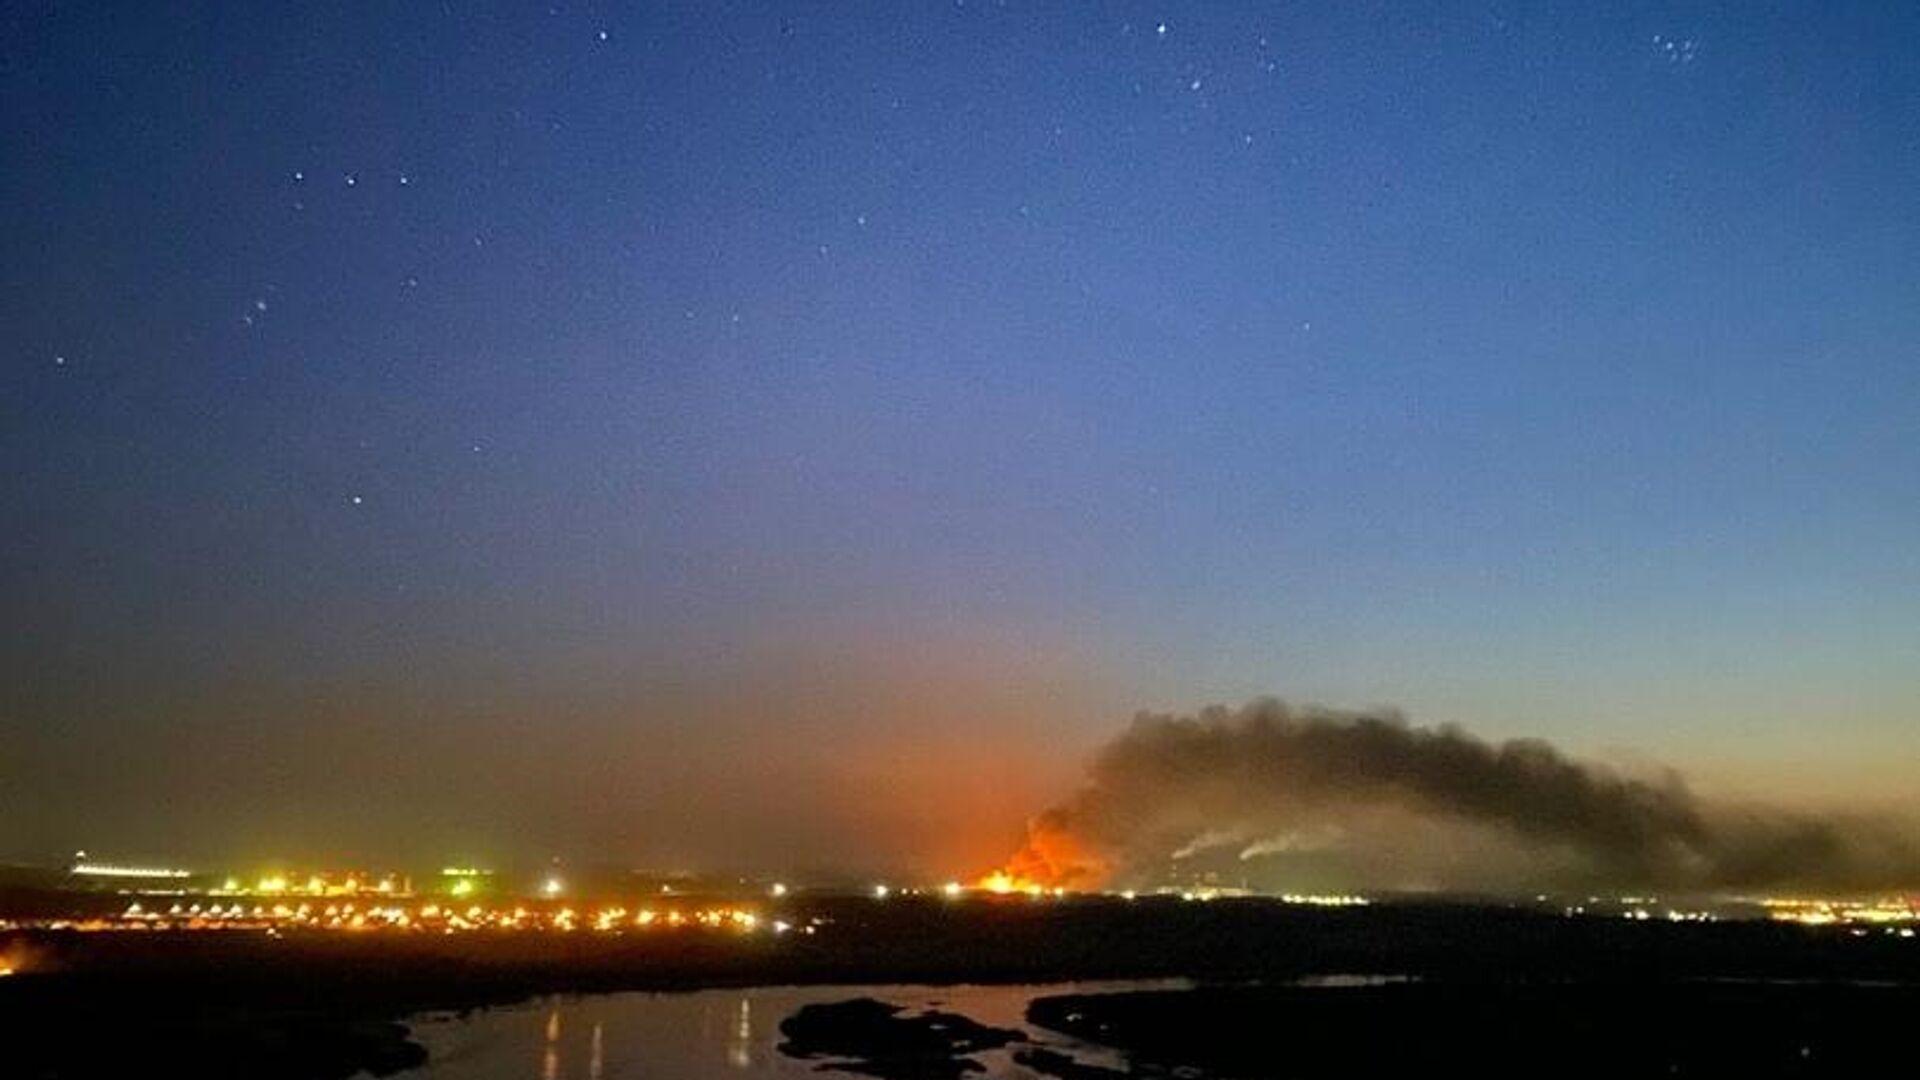 Пожар в ИК-15 в Ангарске, Иркутская область  - РИА Новости, 1920, 01.03.2021